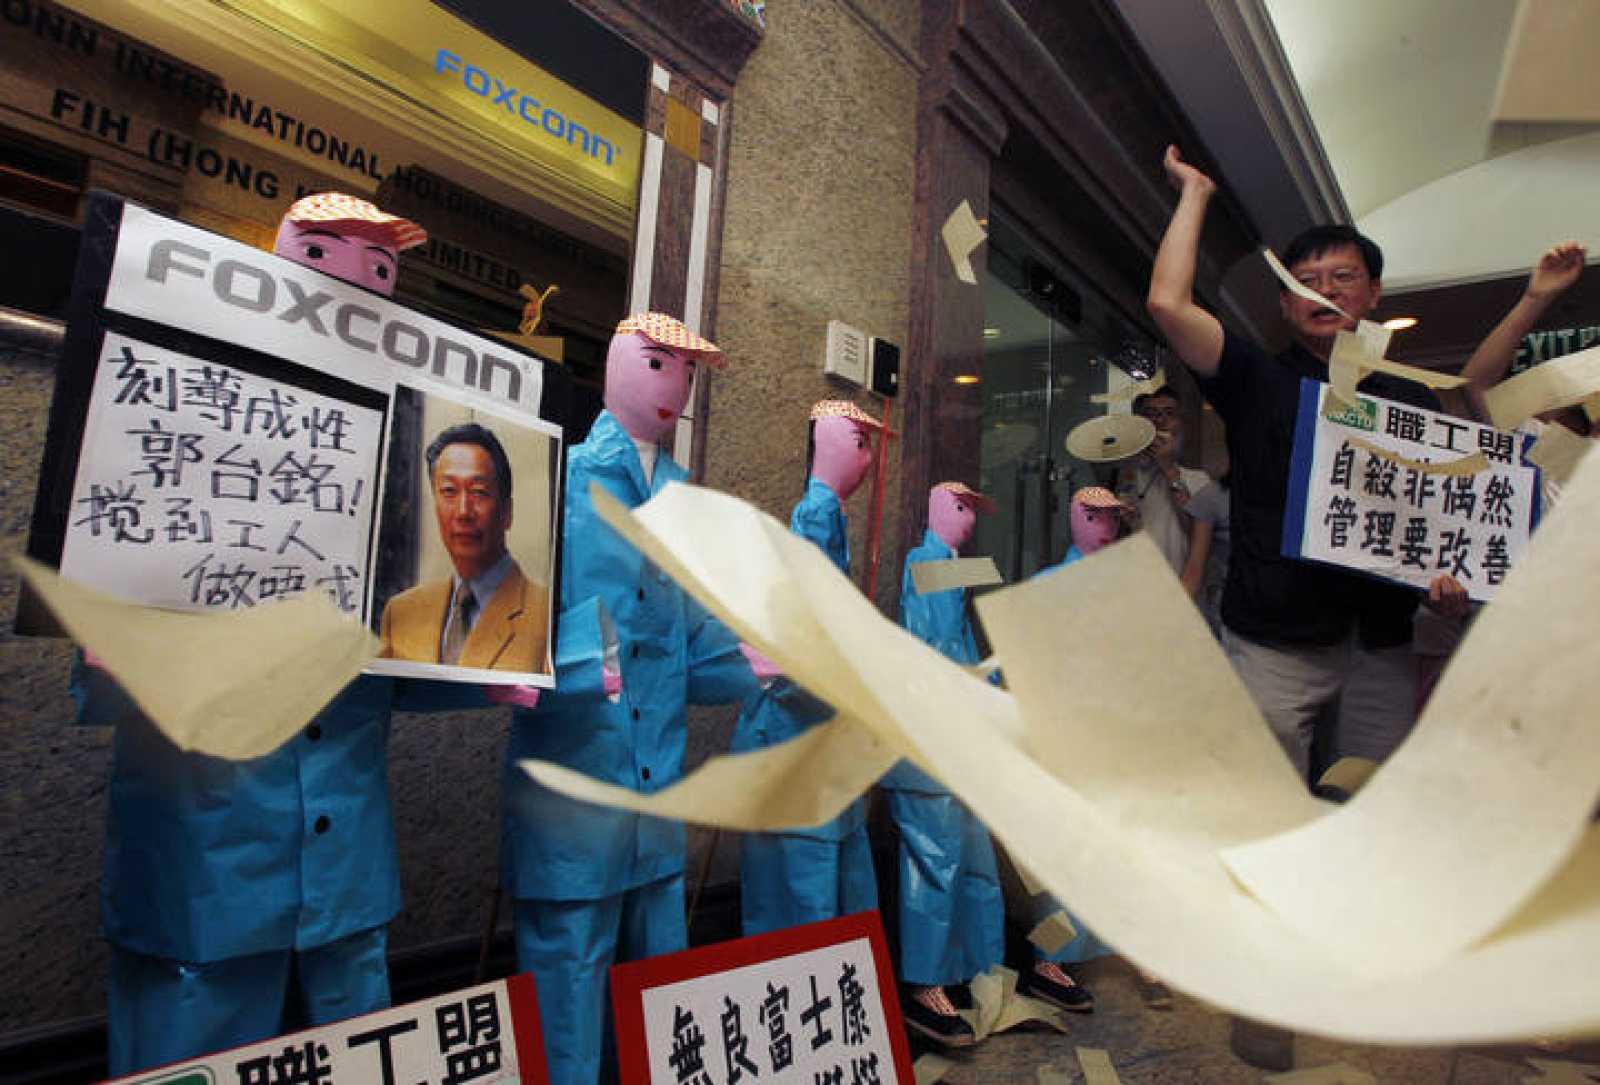 Protestas frente a las oficinas de Foxconn en Hong Kong por la oleada de suicidios que se ha producido en la empresa.